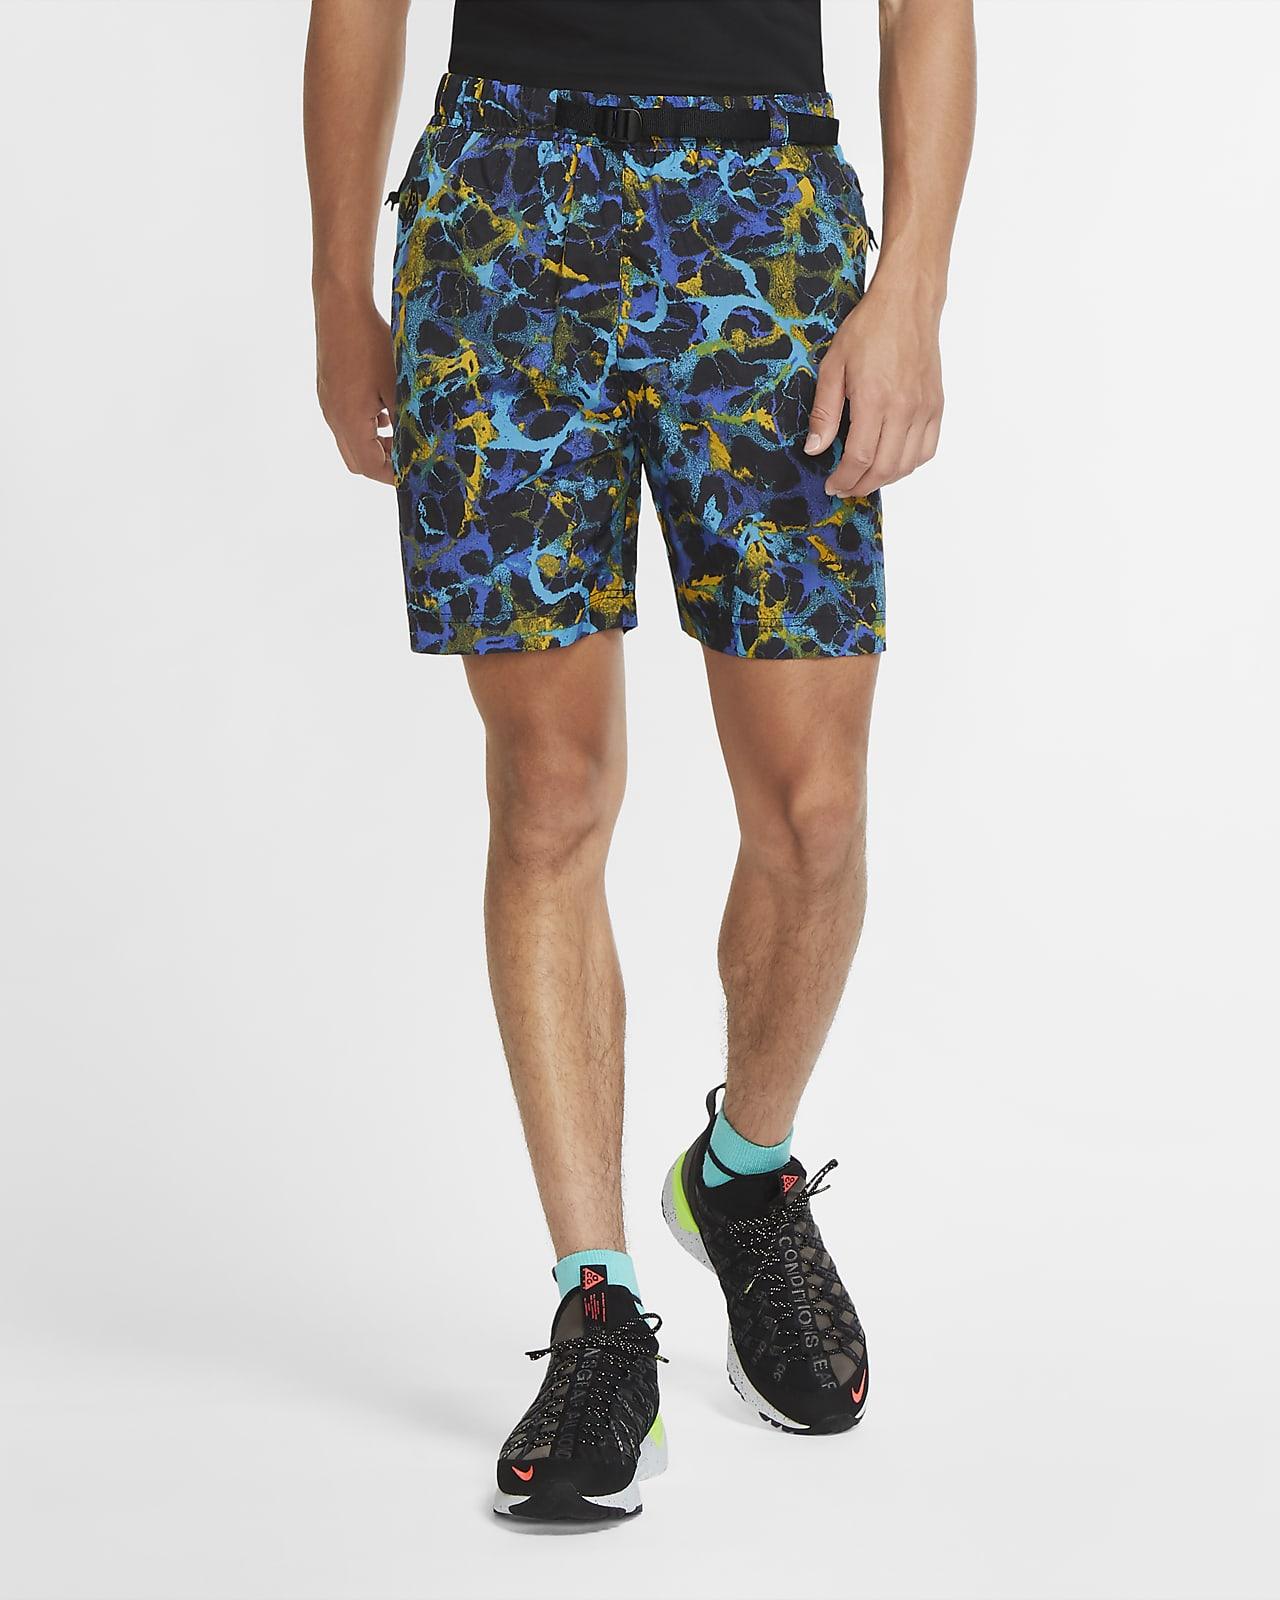 Nike ACG Men's Printed Shorts